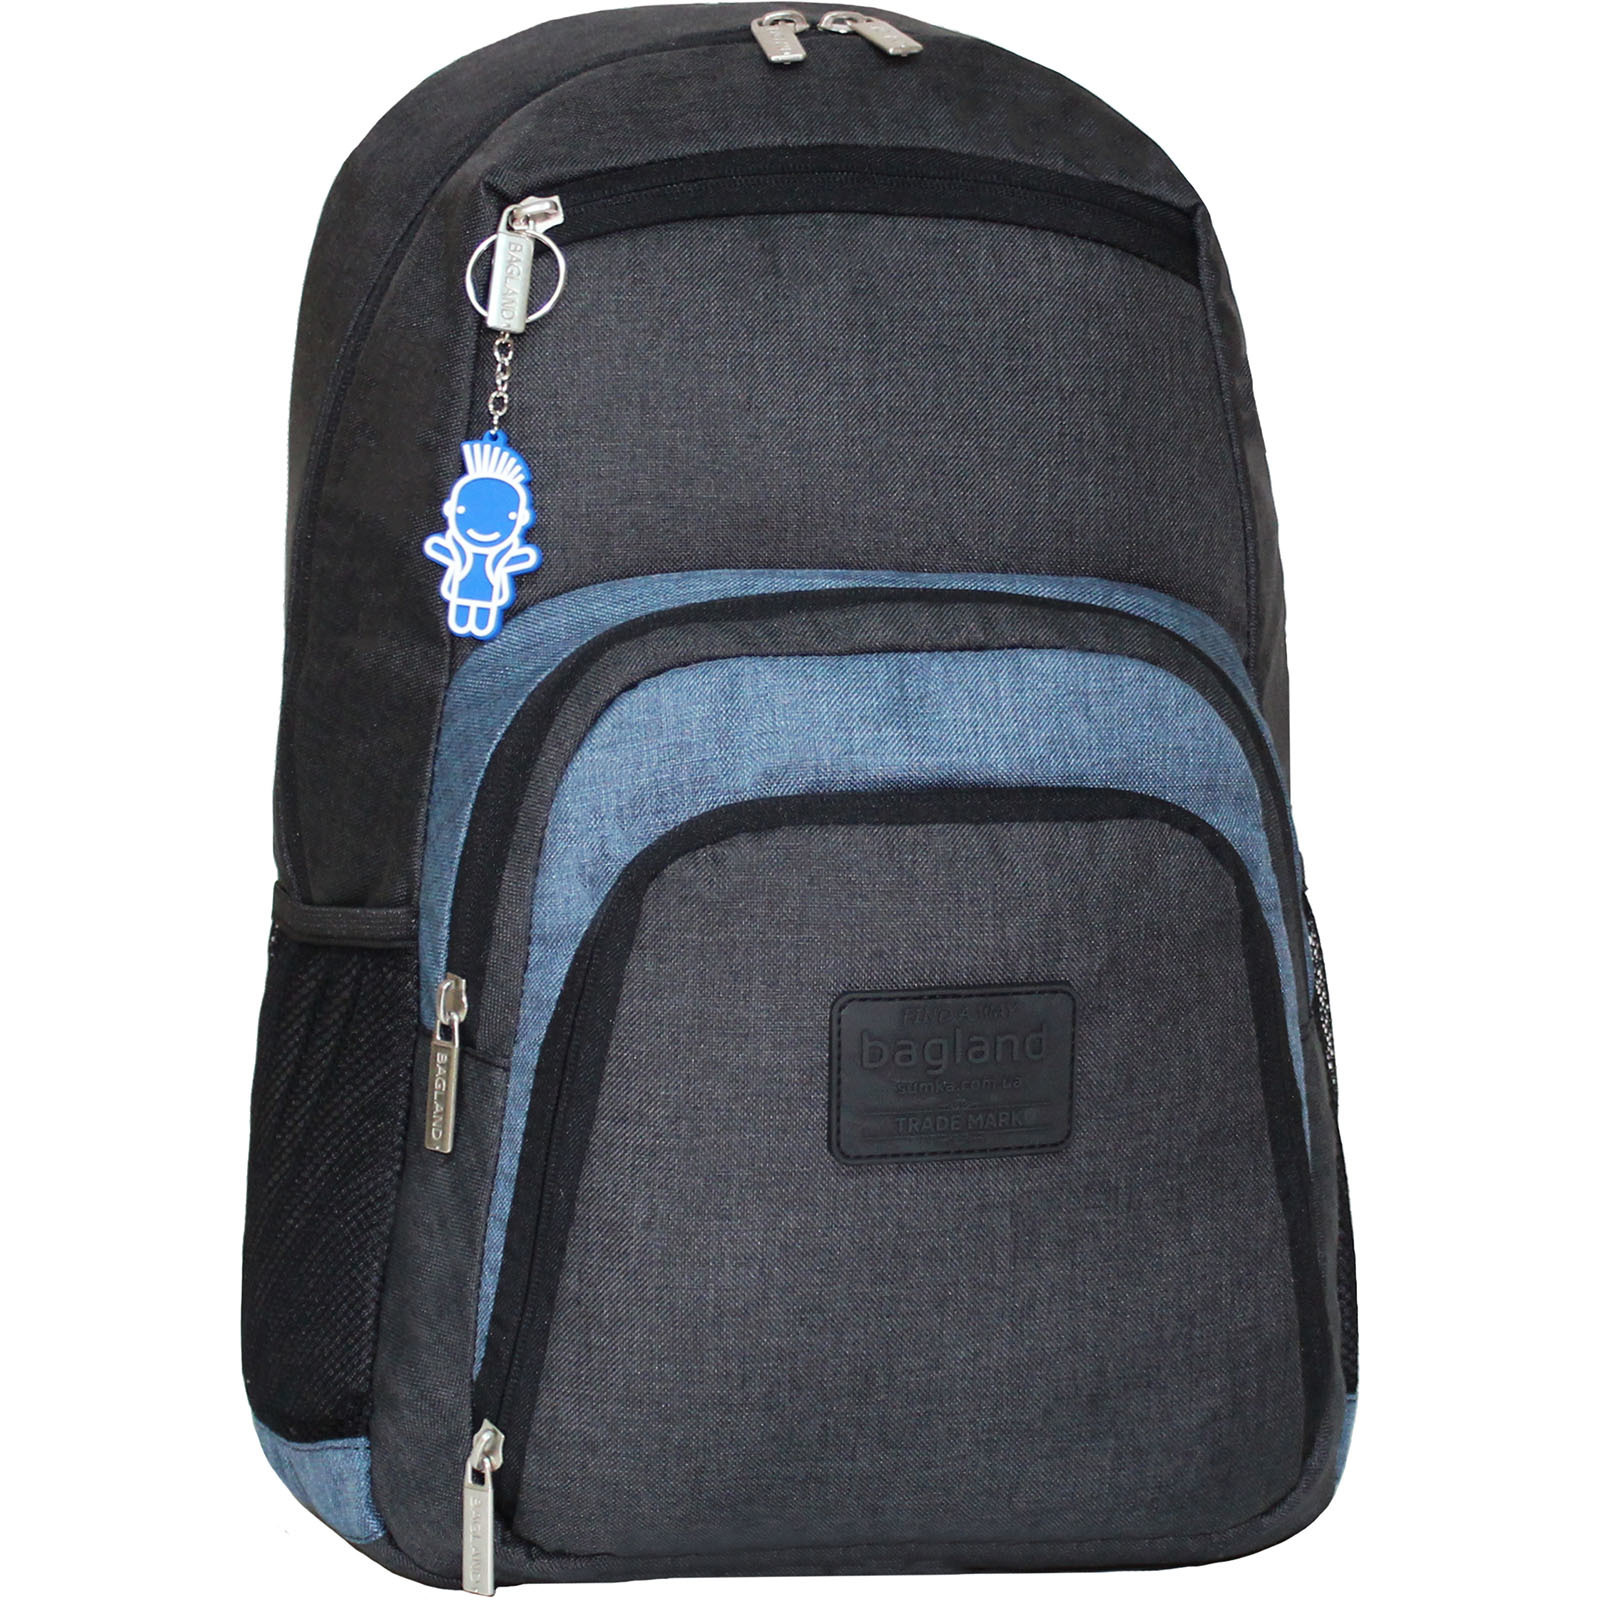 Городские рюкзаки Рюкзак для ноутбука Bagland Freestyle 21 л. черный/серый (0011969) IMG_2105.JPG